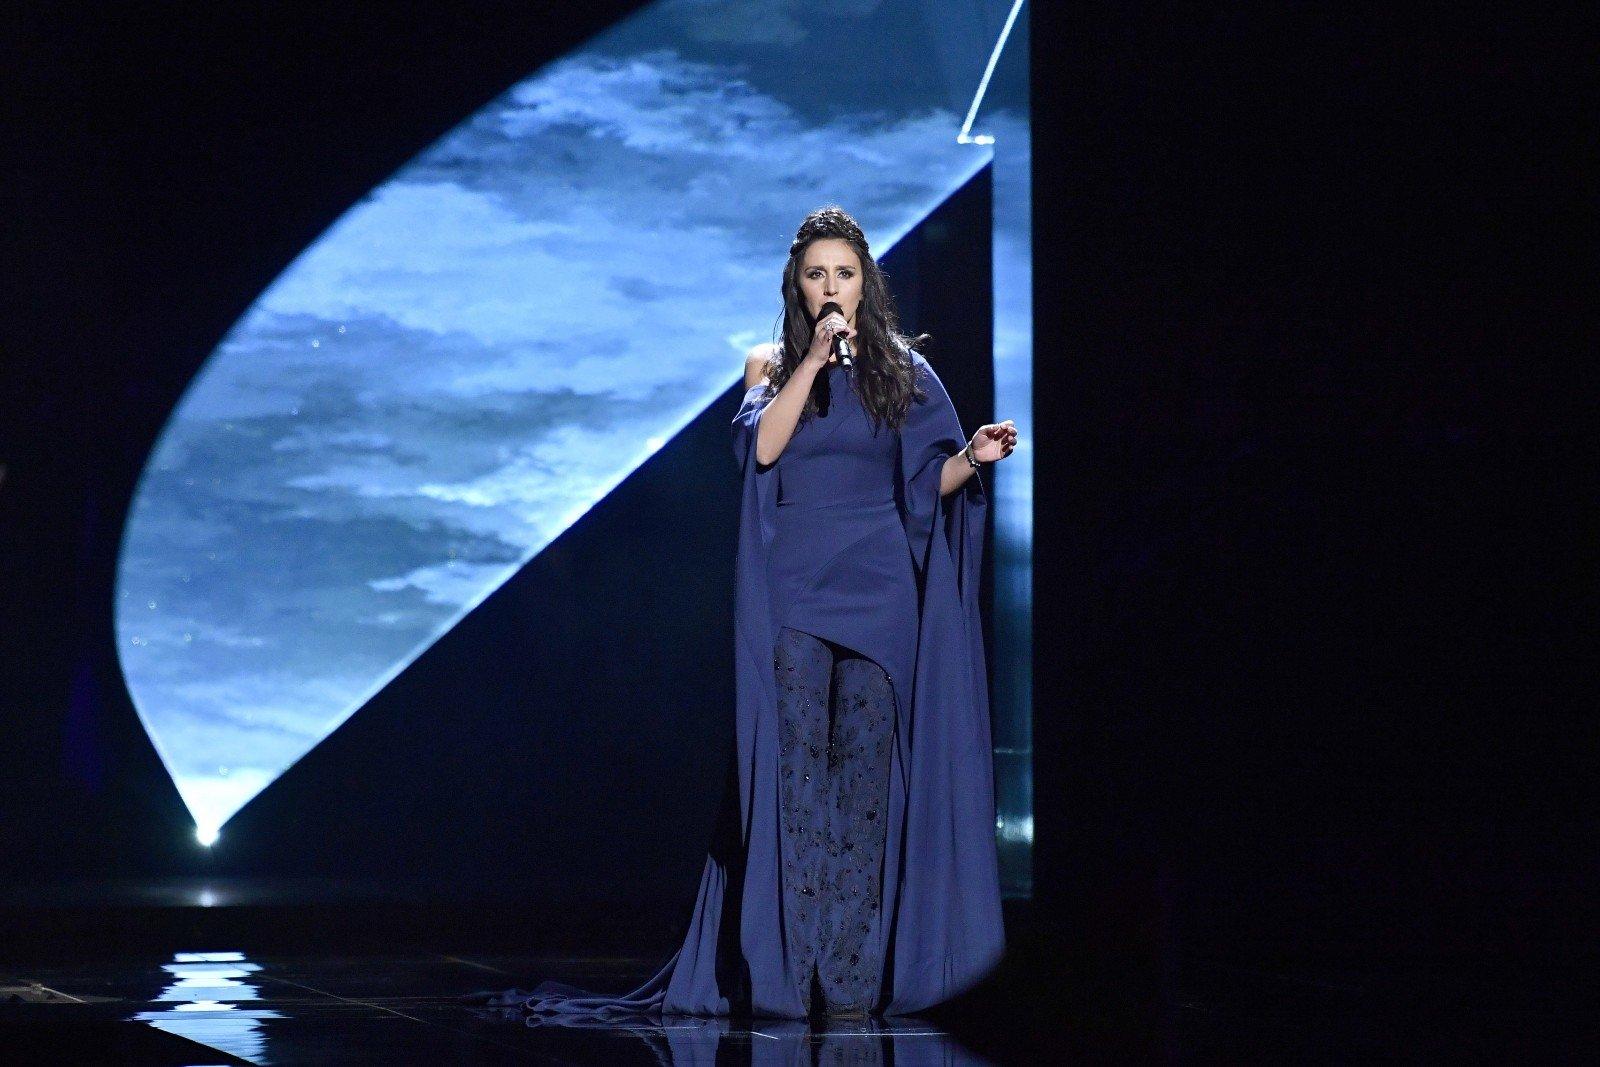 Организаторы'Евровидения отказались пересматривать результаты конкурса